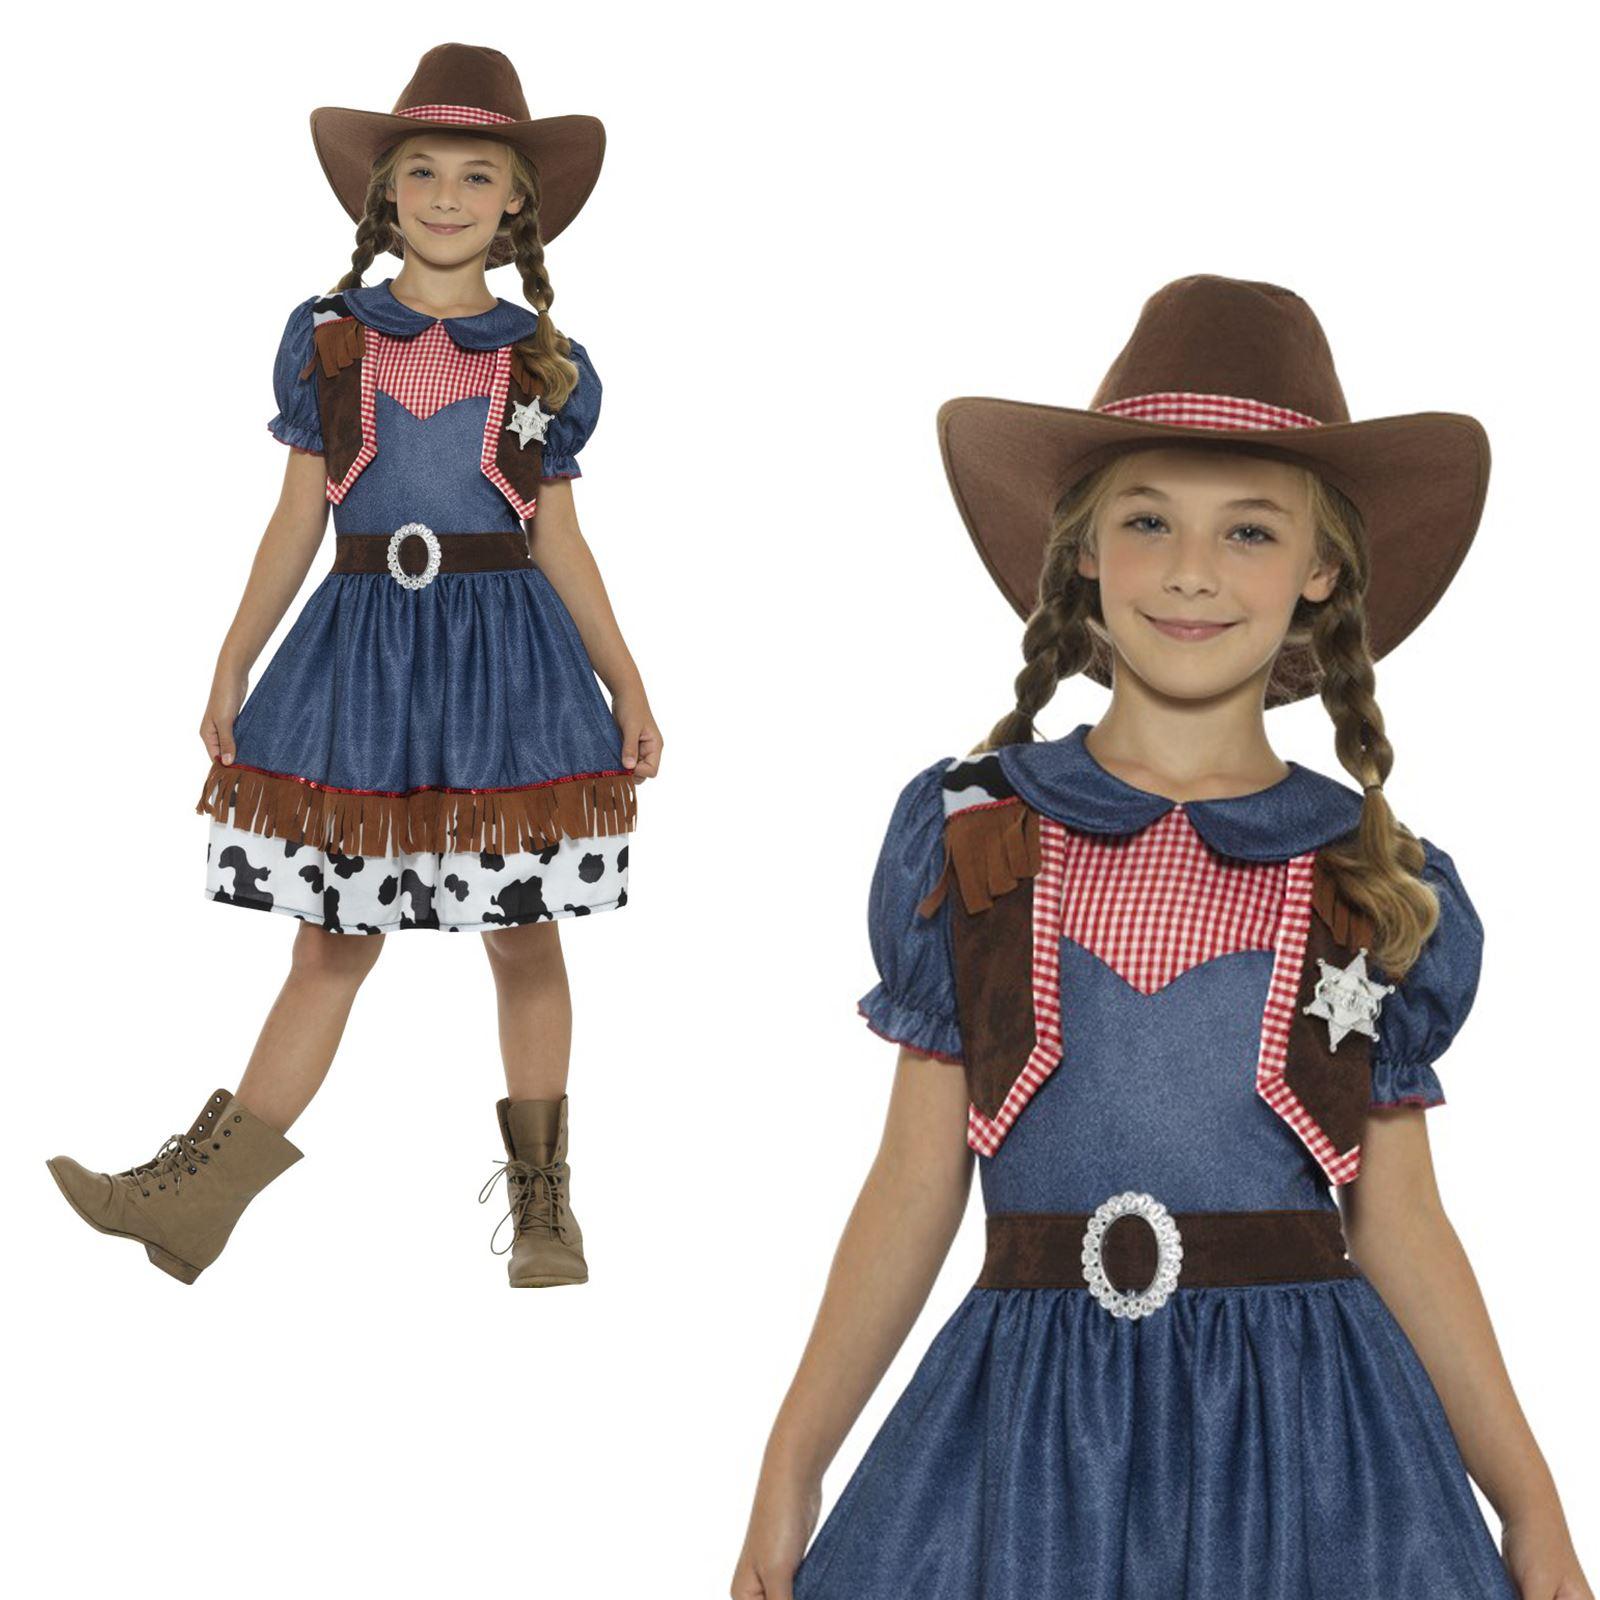 Kinder Jungen Büchertag Kostüm Texan Cowboy Kostüm /& Hut von Smiffys